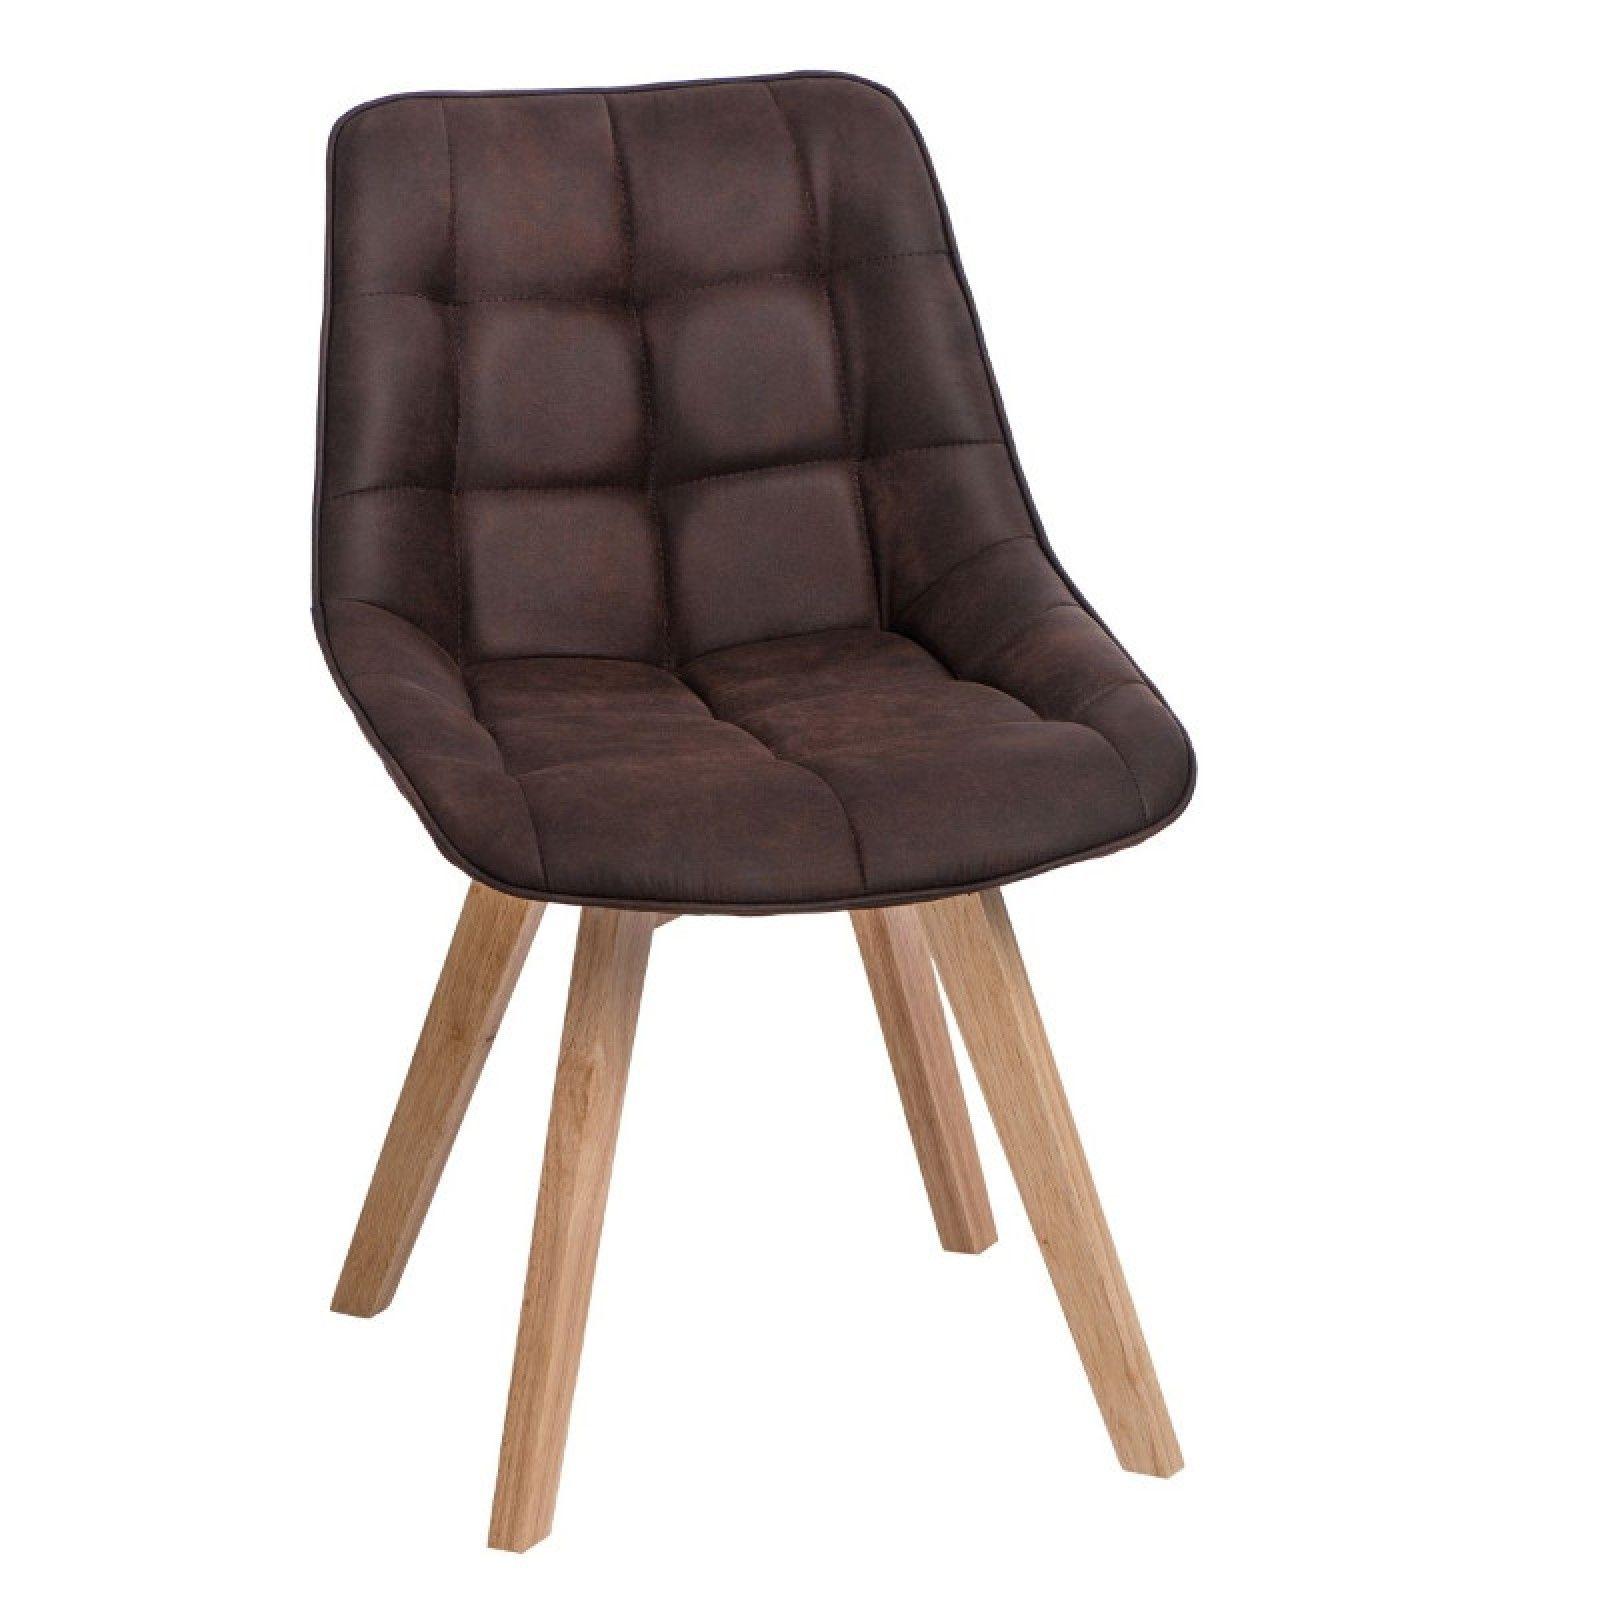 Woody kárpitozott szék Sötét barna Woody szék rendkívül